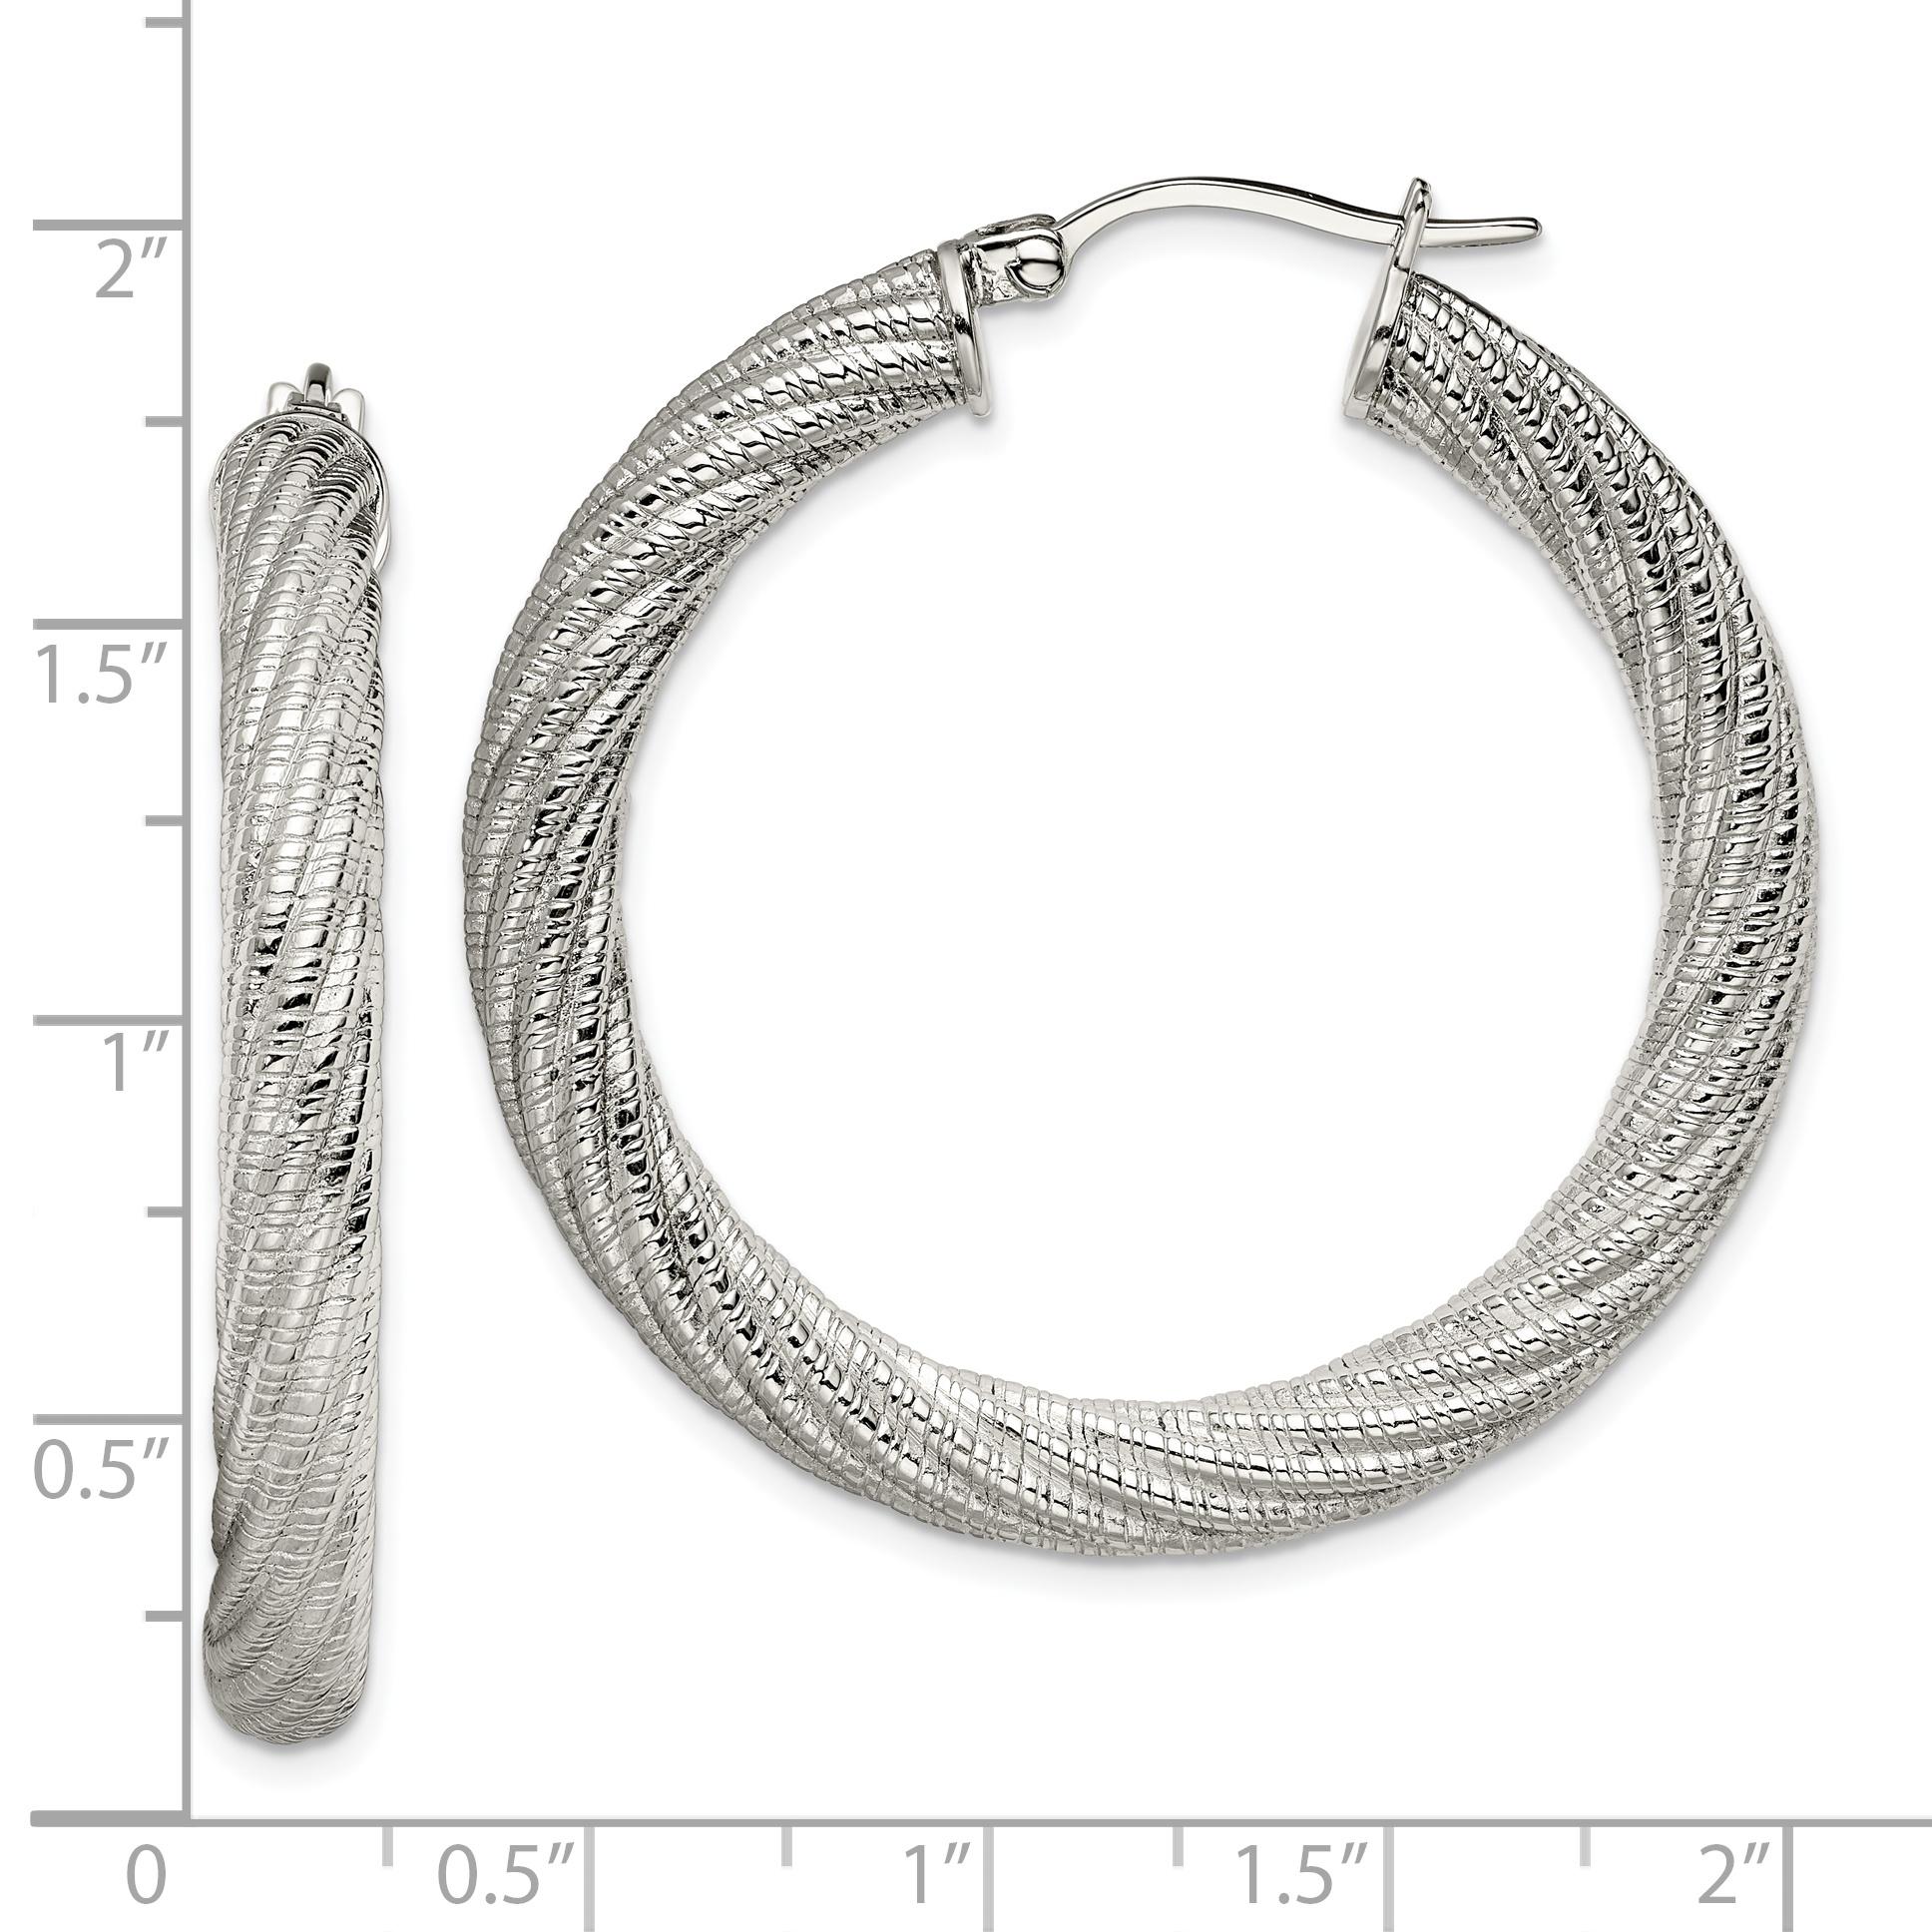 Stainless Steel Textured Hollow Hoop Earrings